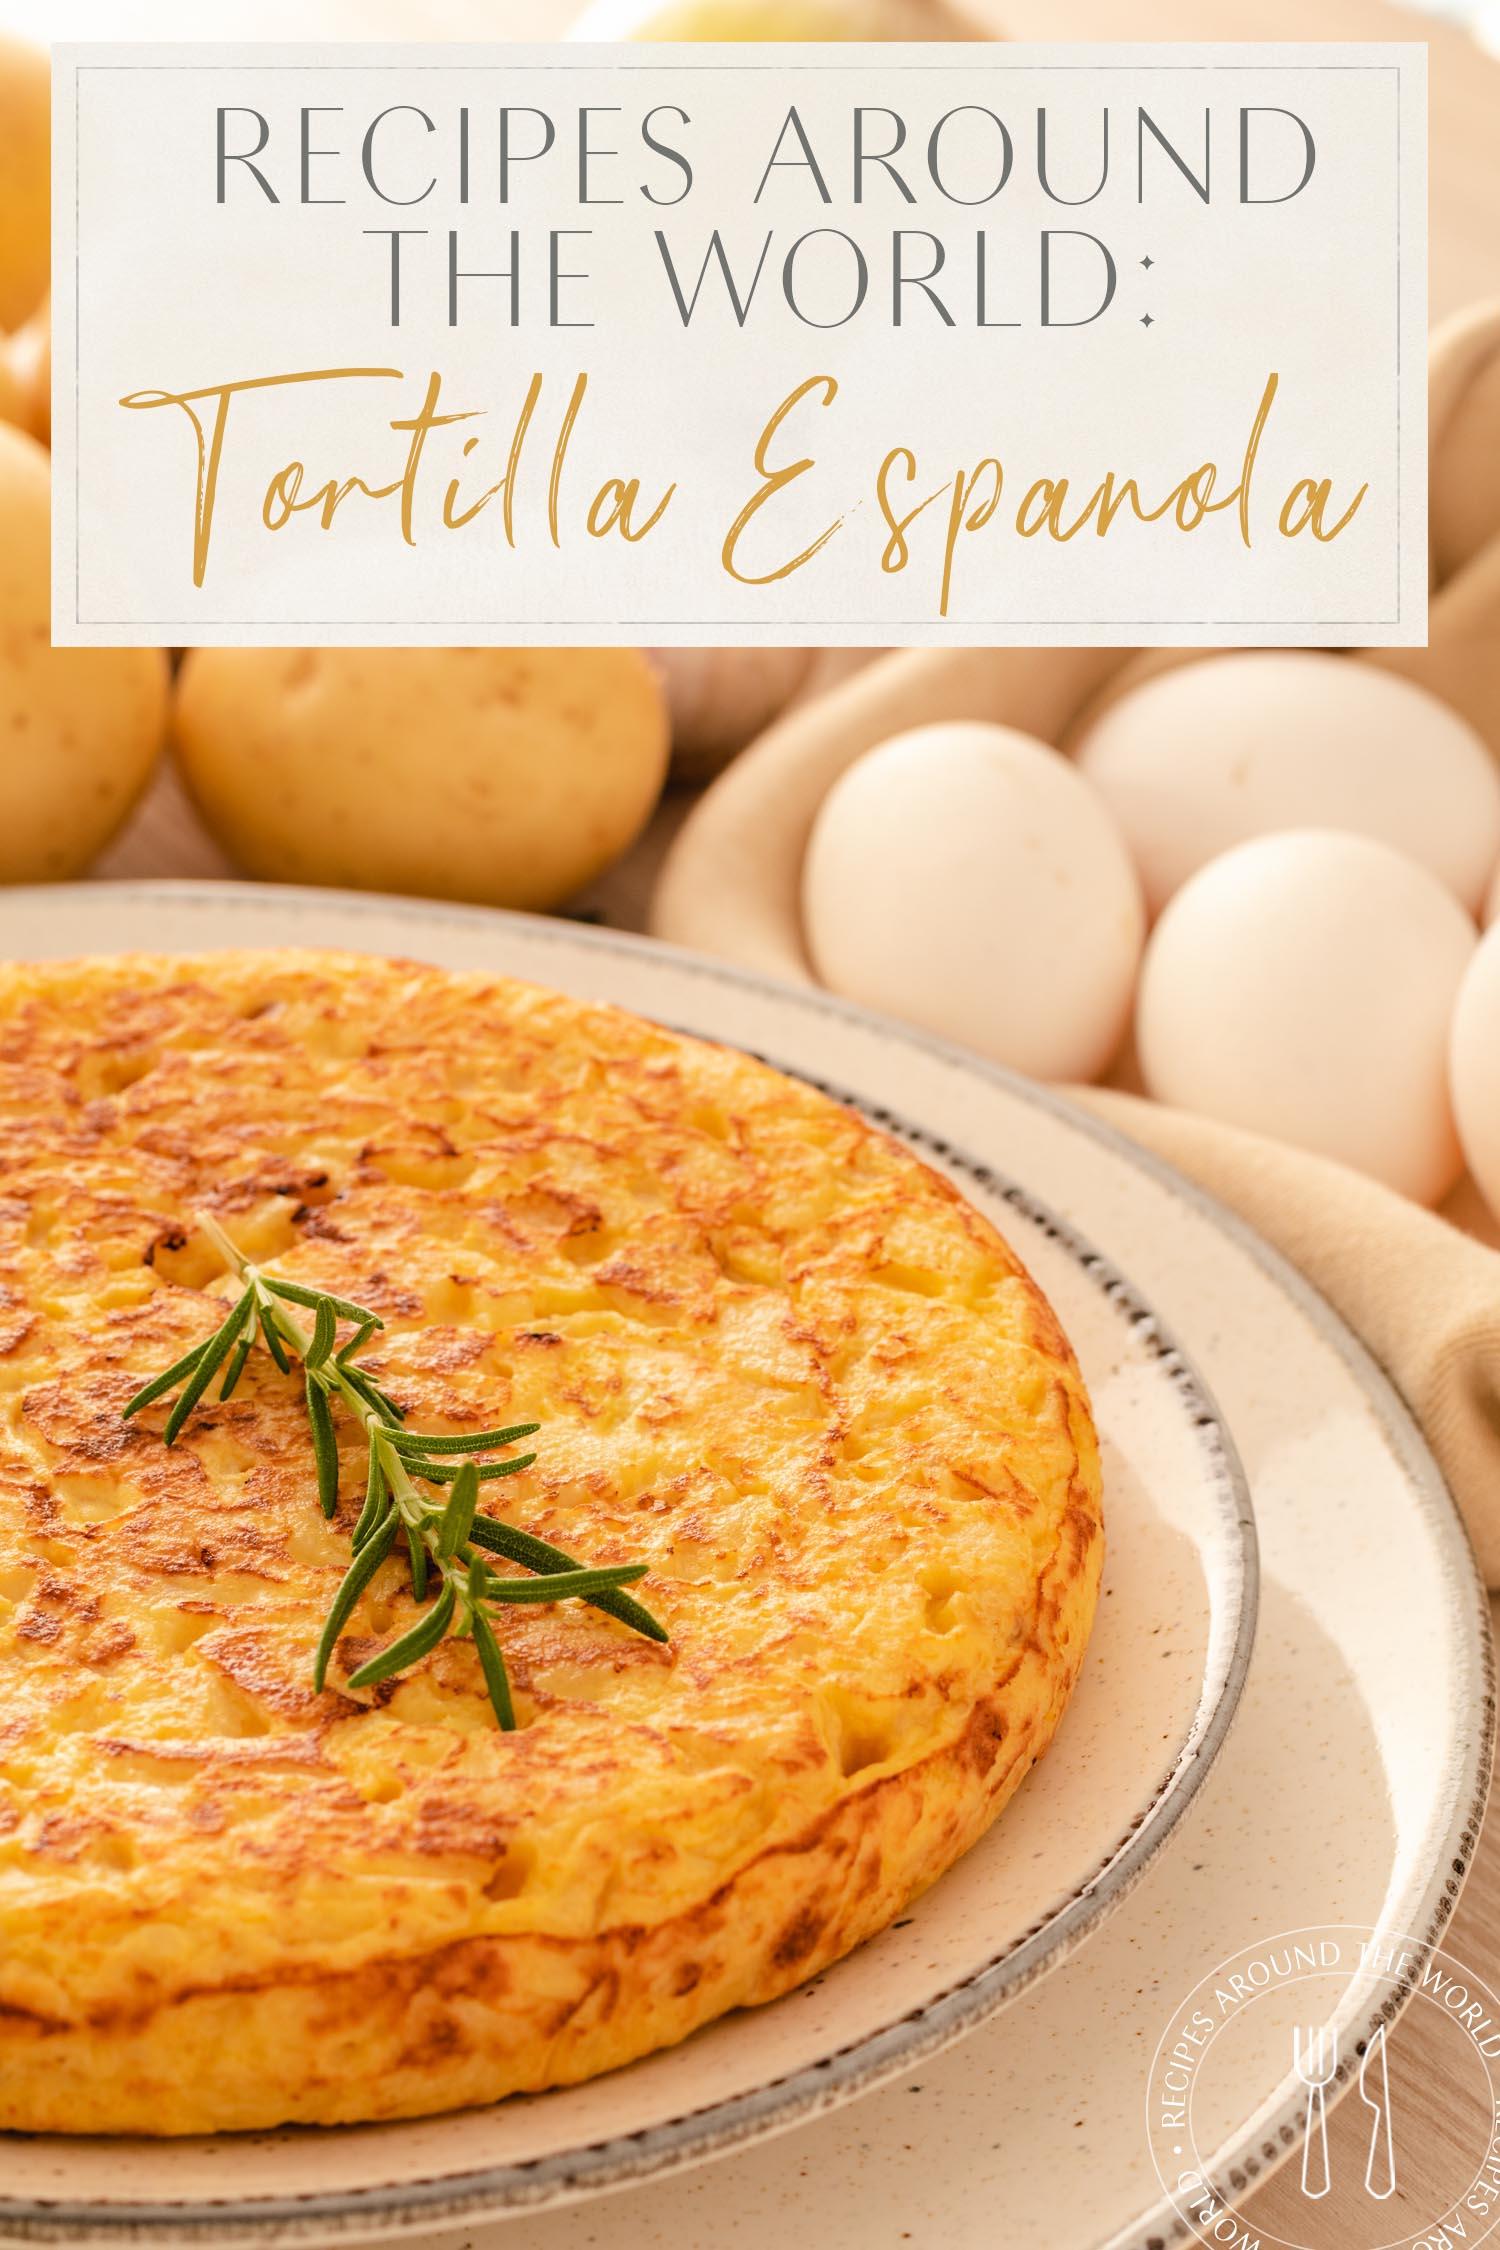 Receita Em Todo O Mundo Tortilla Espanola Omlette Espanhola